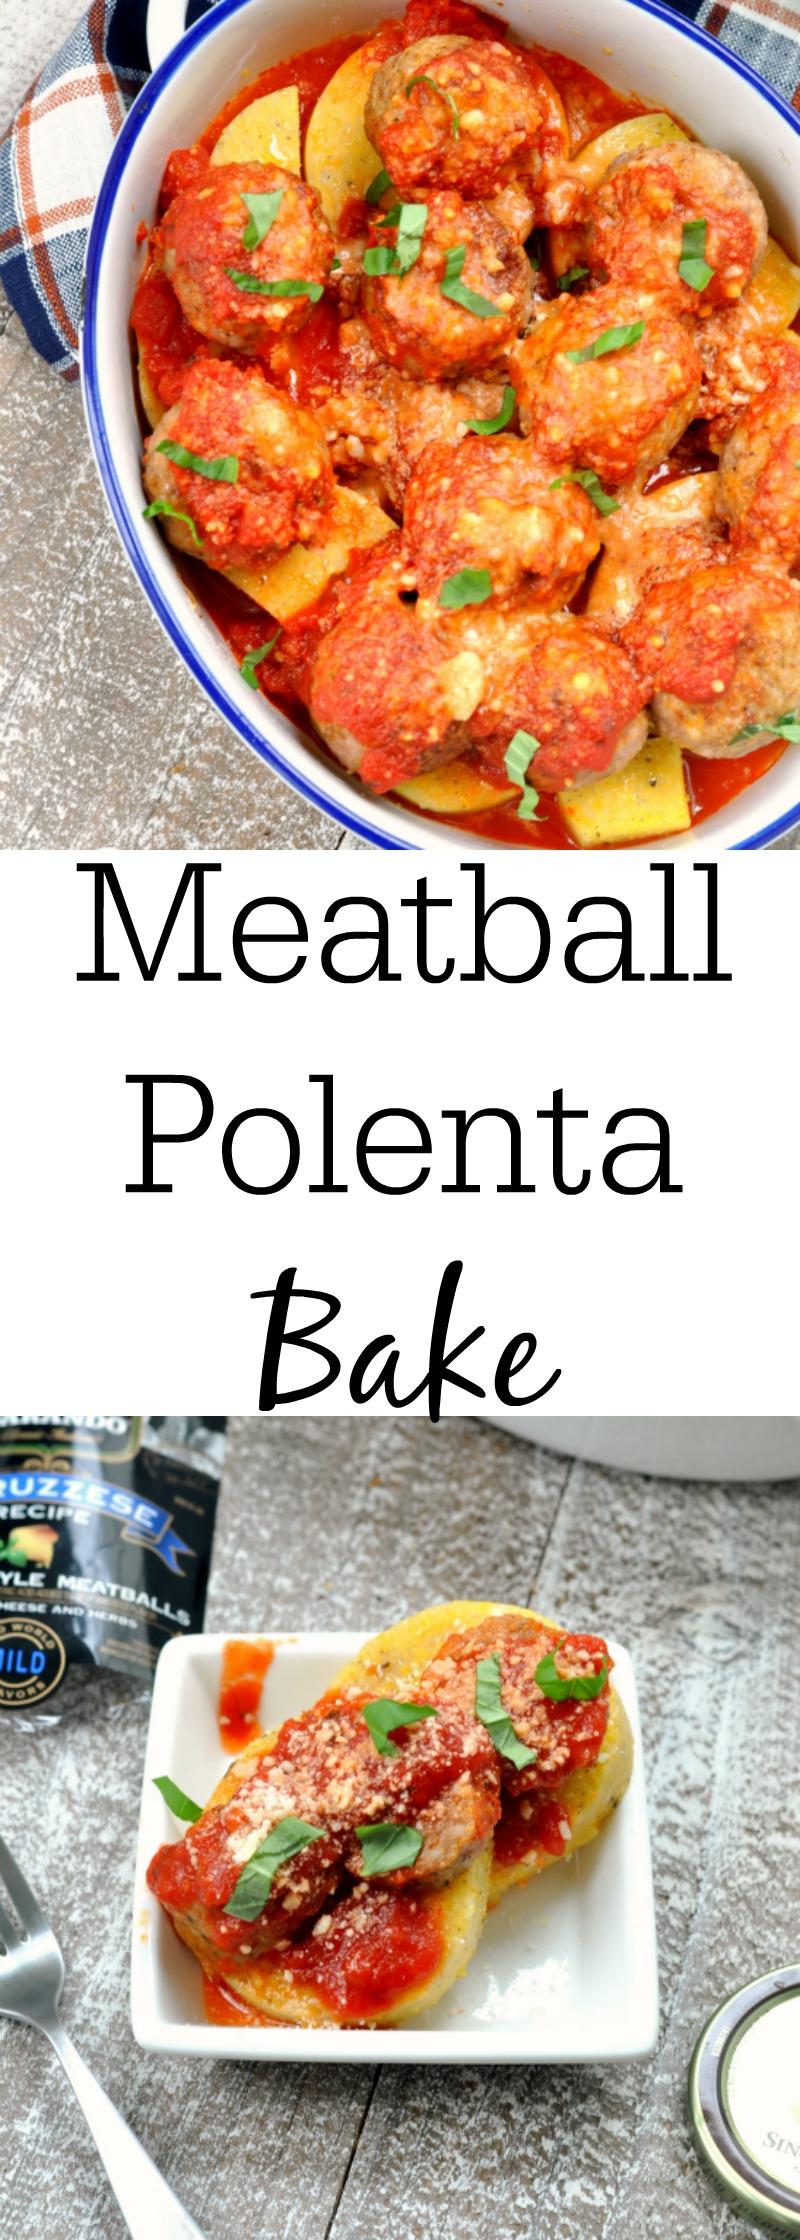 Meatball Polenta Bake